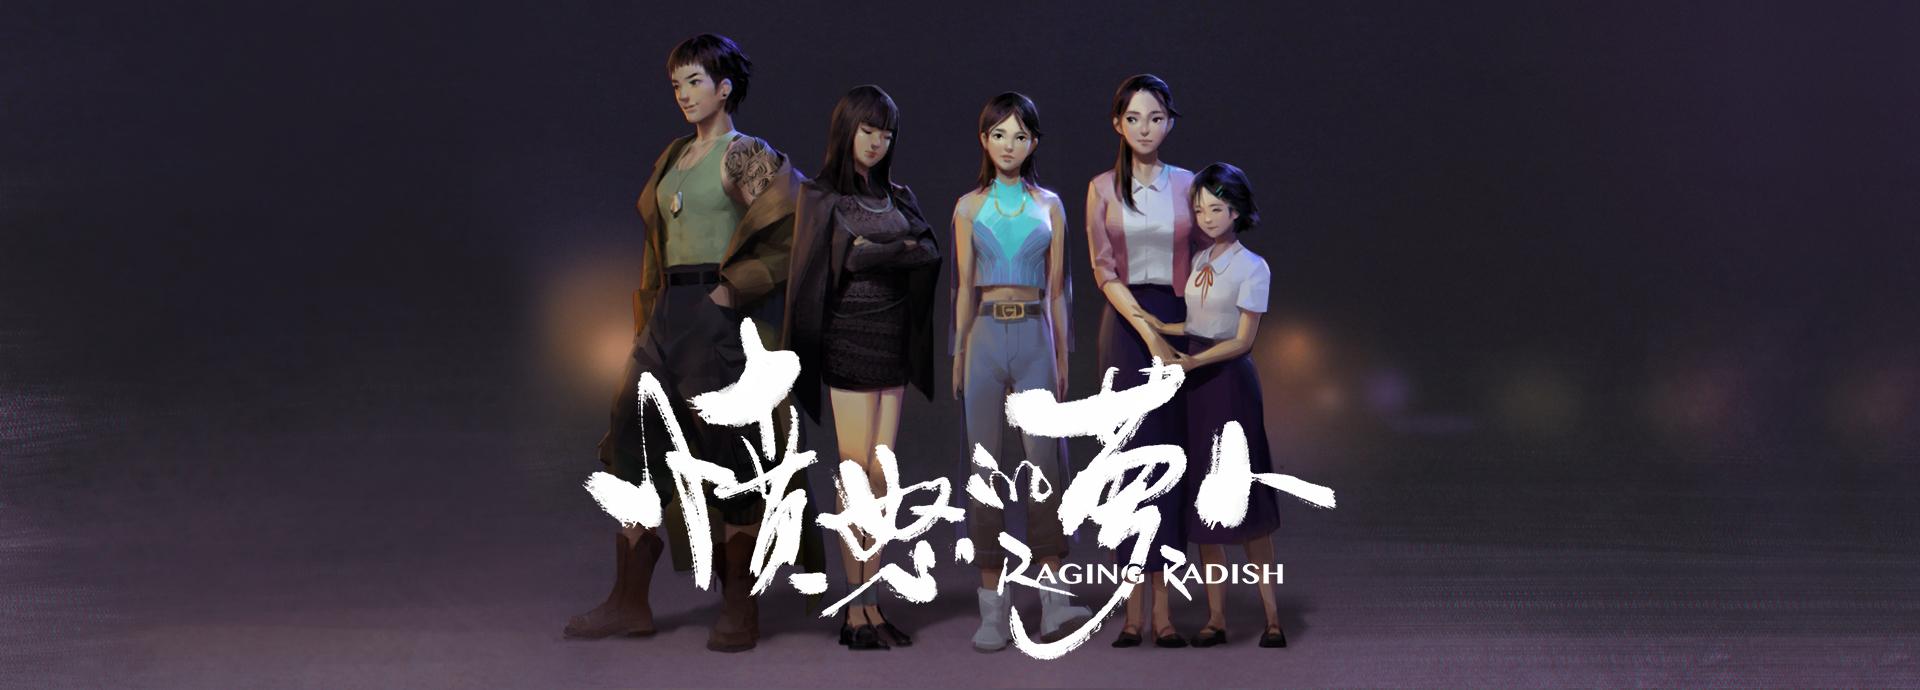 Raging Radish